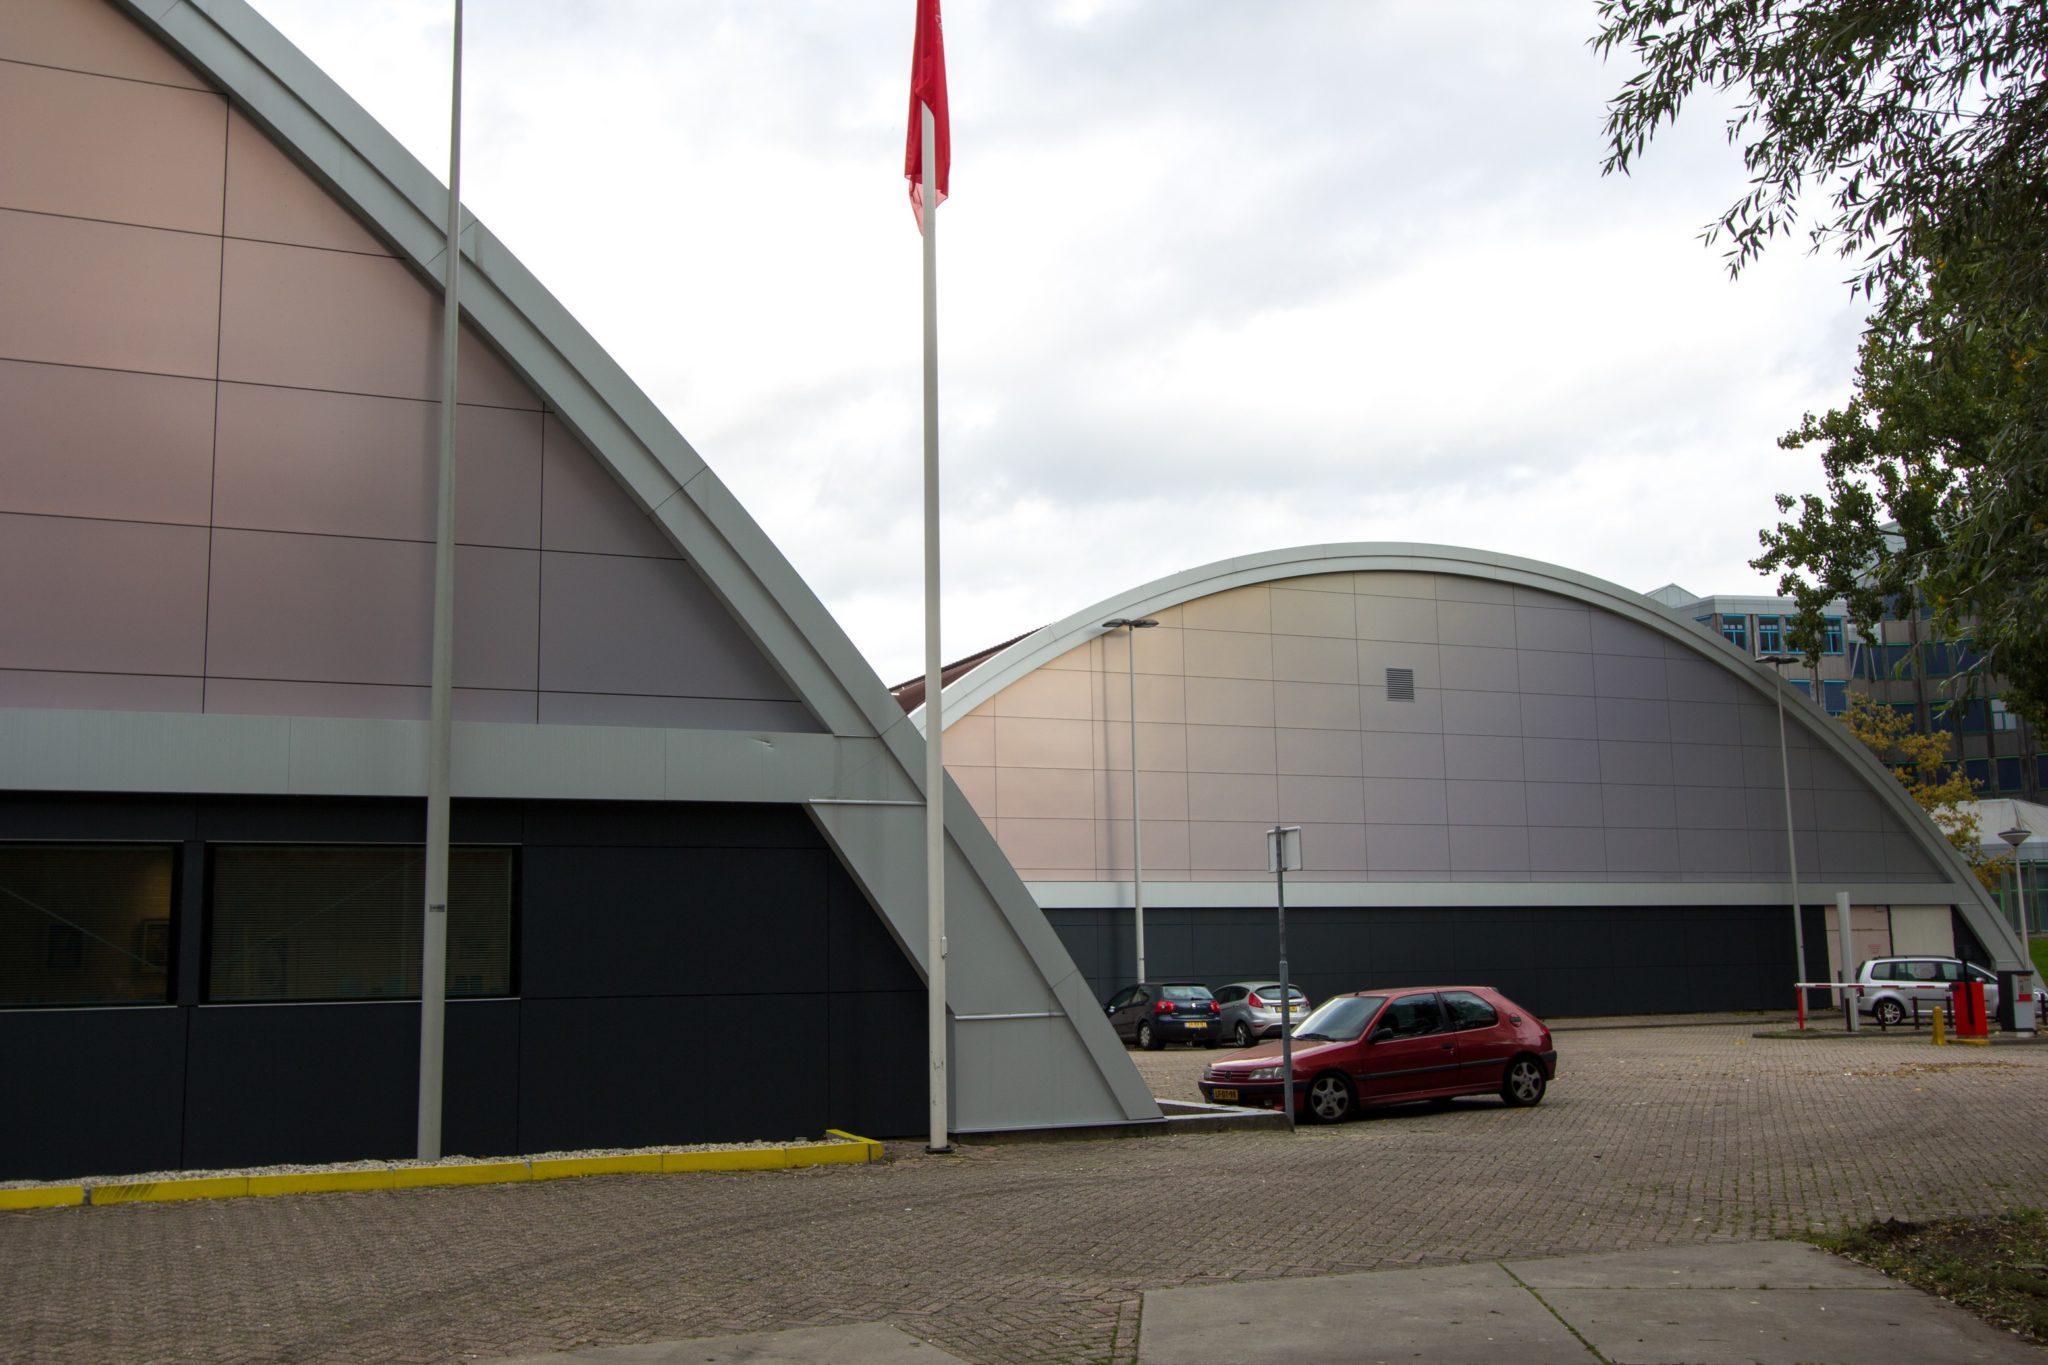 Ooms - Gevelrenovatie Sporthallen Zuid